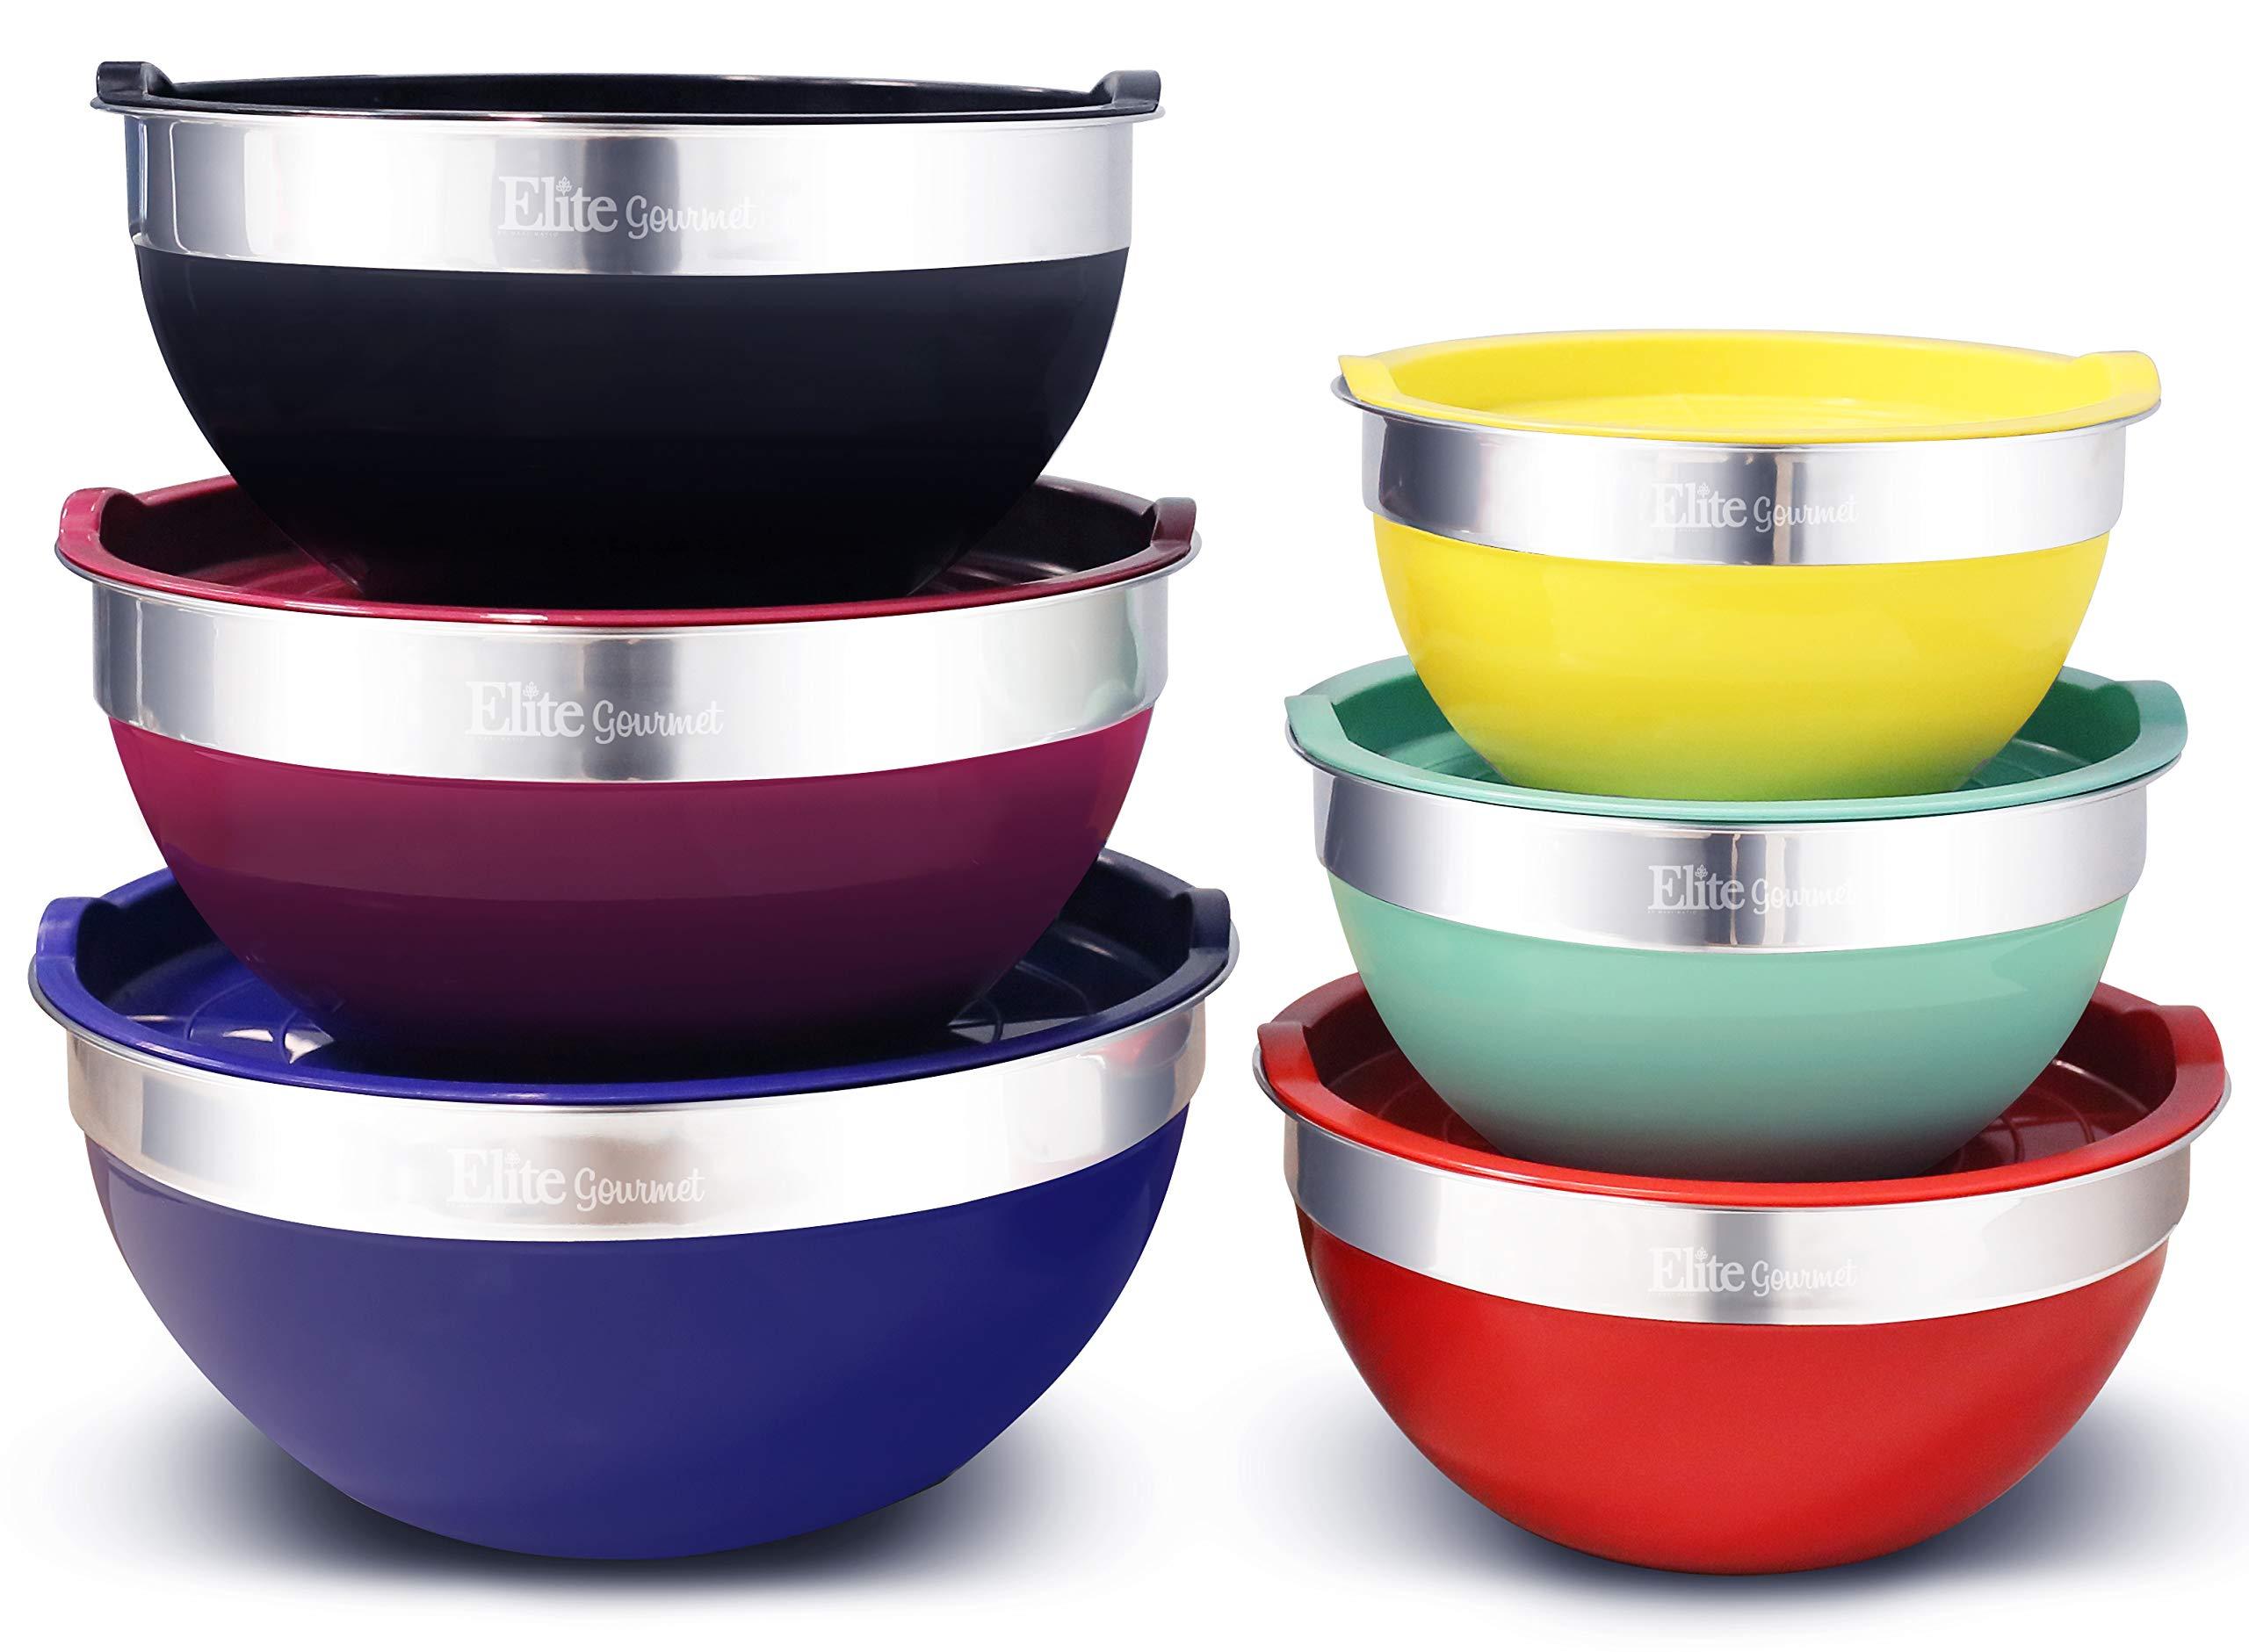 Elite Gourmet EBS-0012 Maxi-Matic 12Piece Stainless Steel Color Mixing Bowls with Lids, 7.25 Qt. - 6 Qt. - 3.5 Qt. - 3 Qt. - 2.25 Qt. - 2 Qt by Maxi-Matic